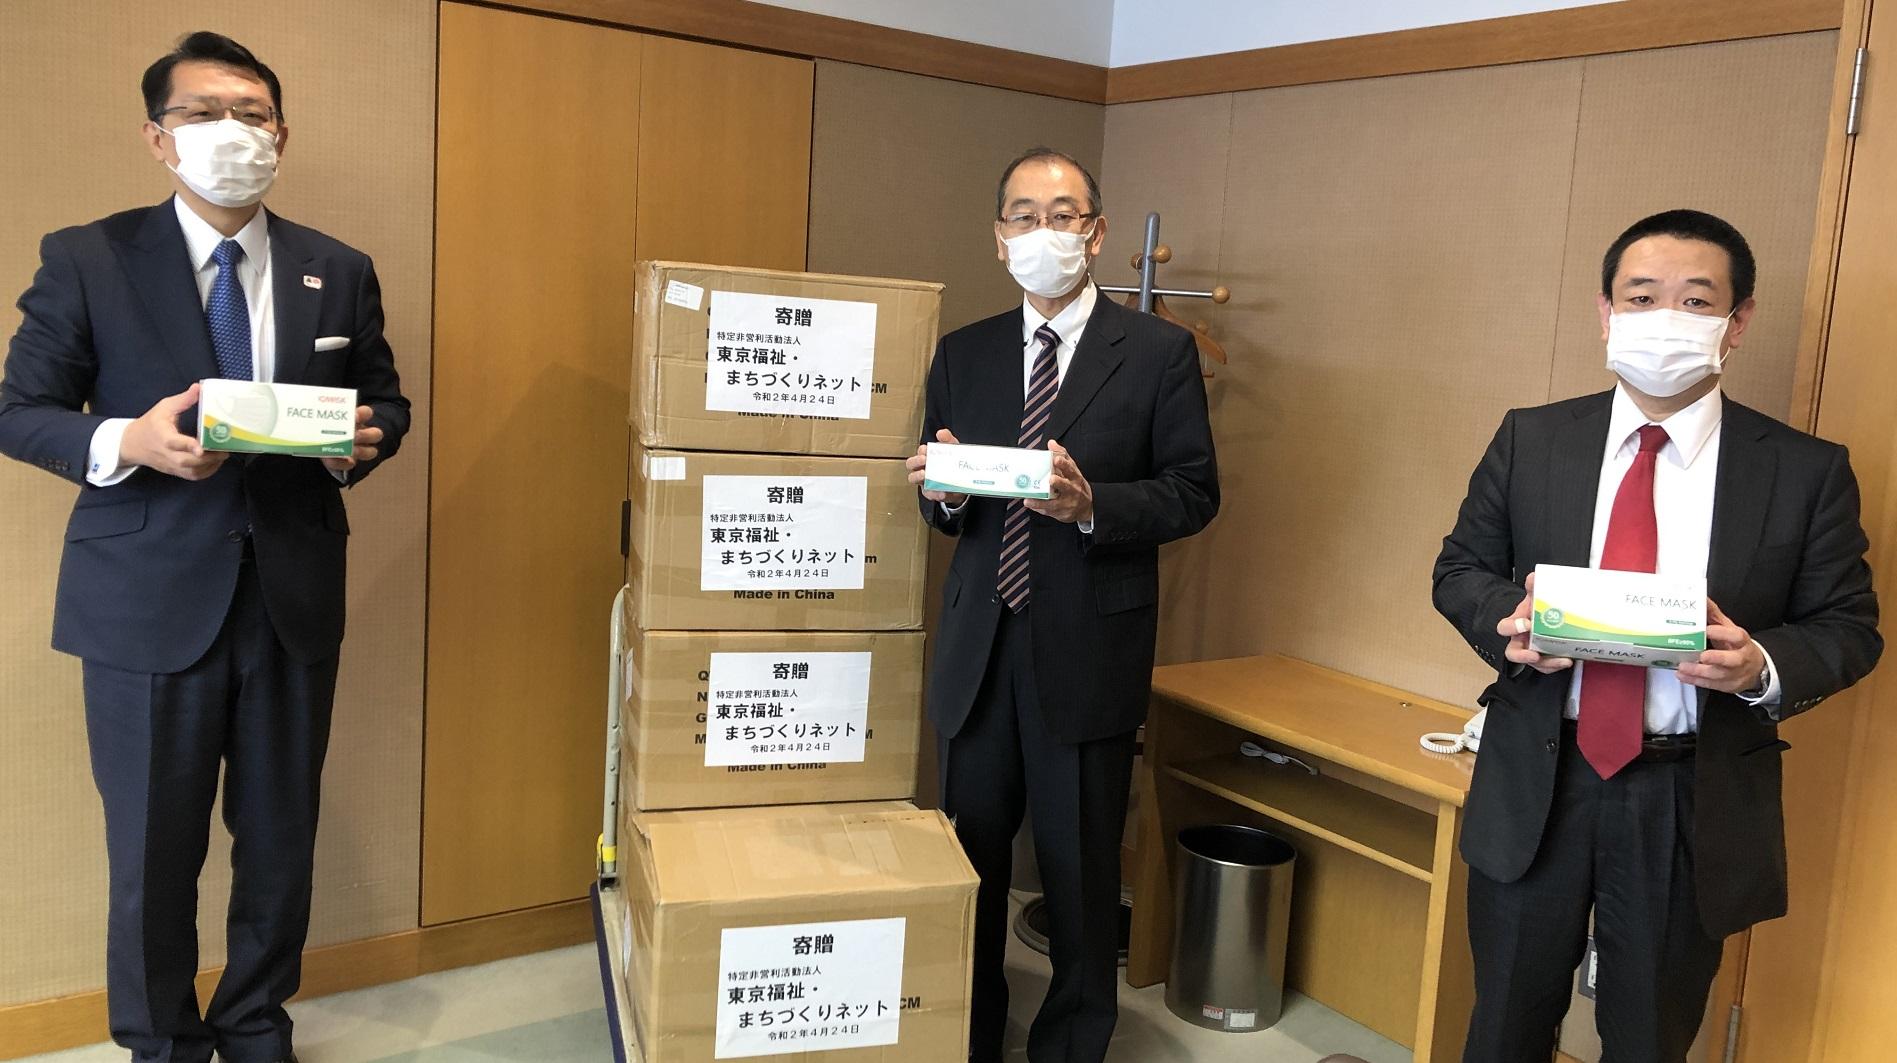 文京区にマスク1万枚を寄贈